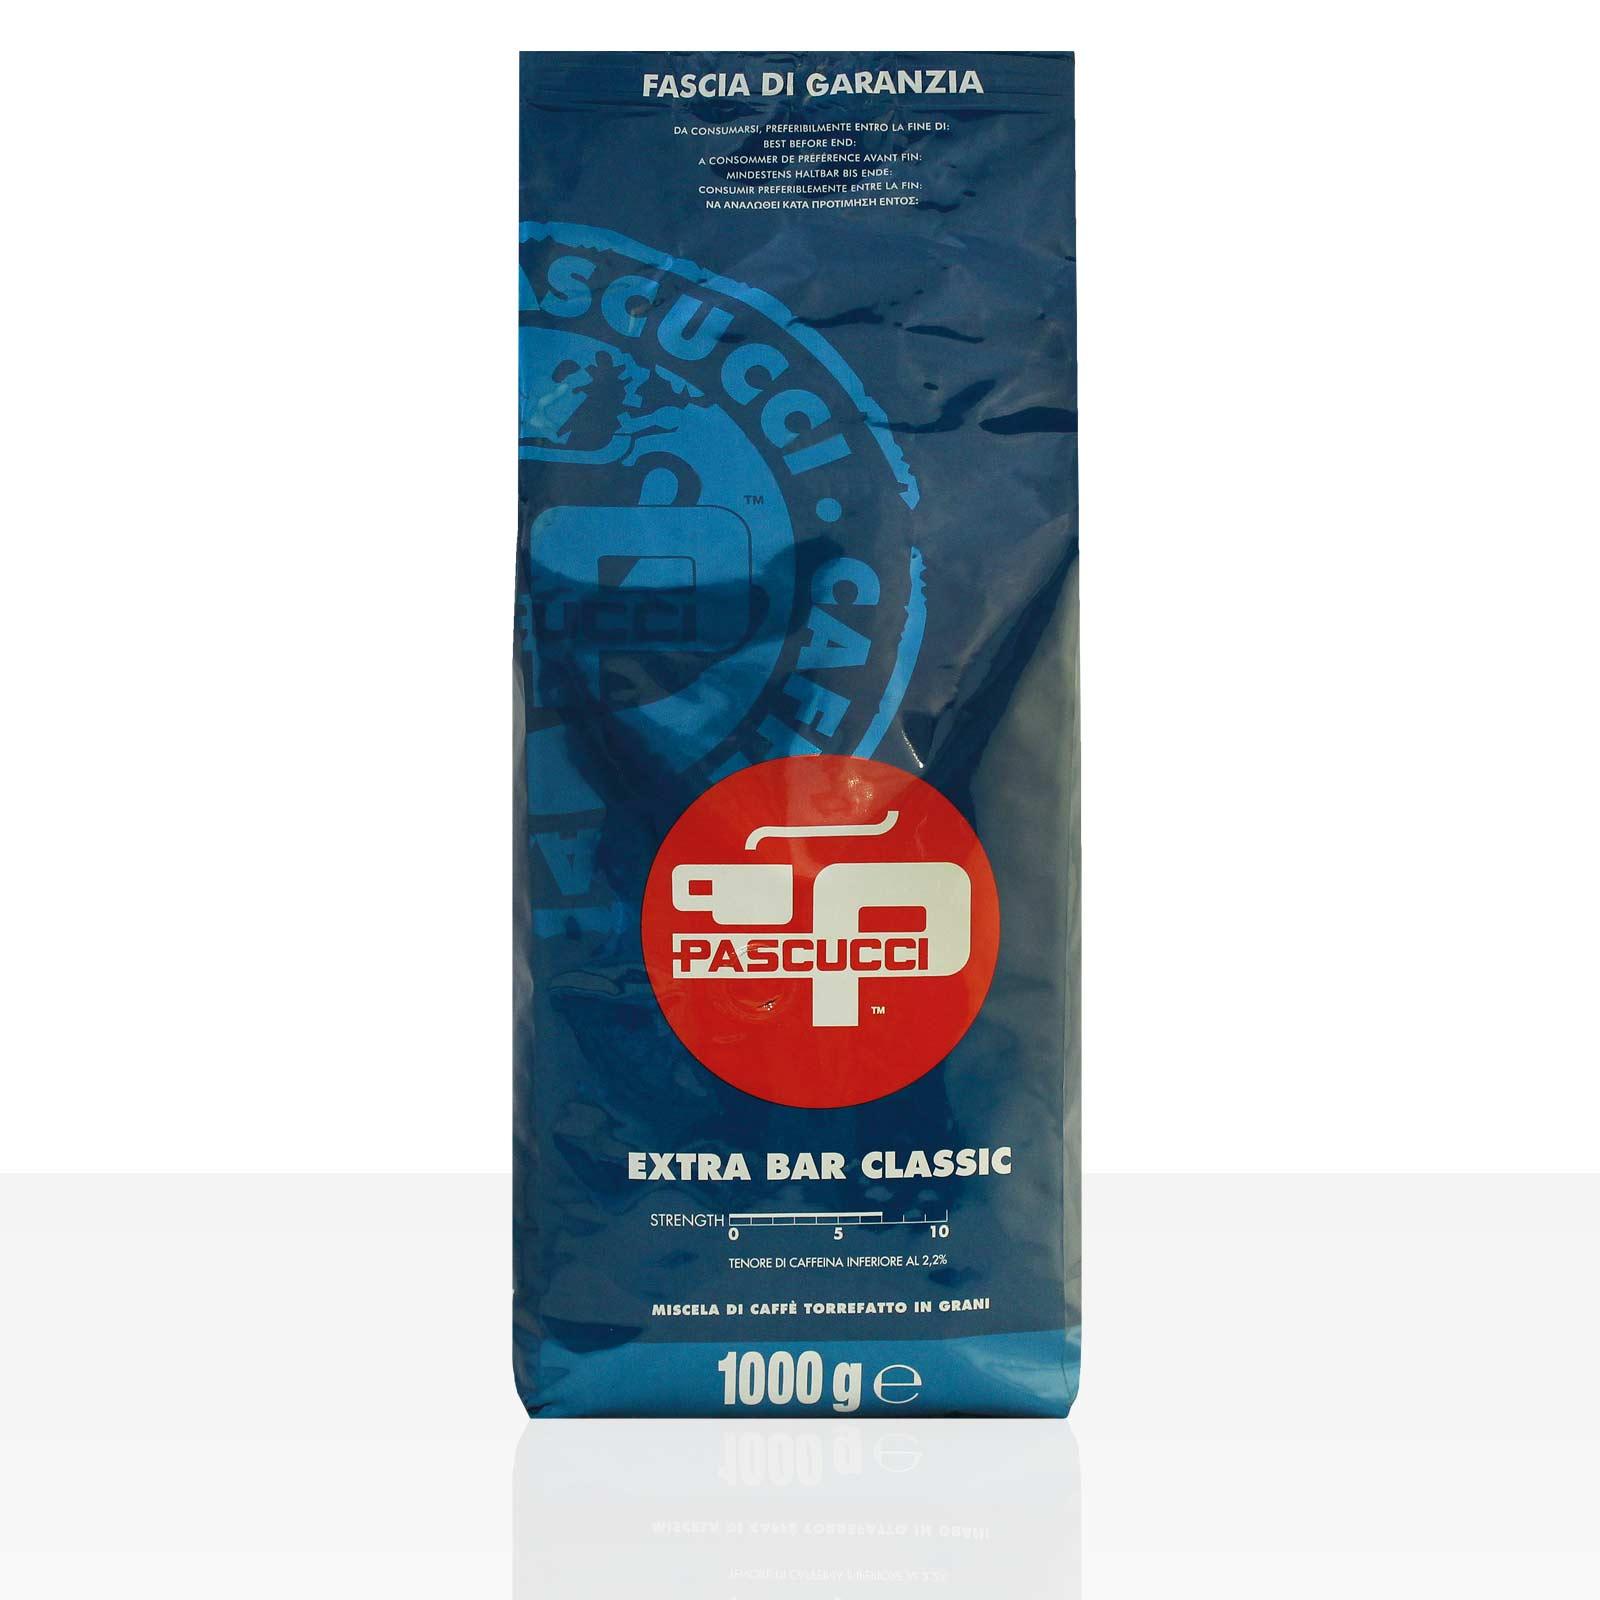 PASCUCCI Extra Bar Classic Espresso 1kg Kaffee ganze Bohne